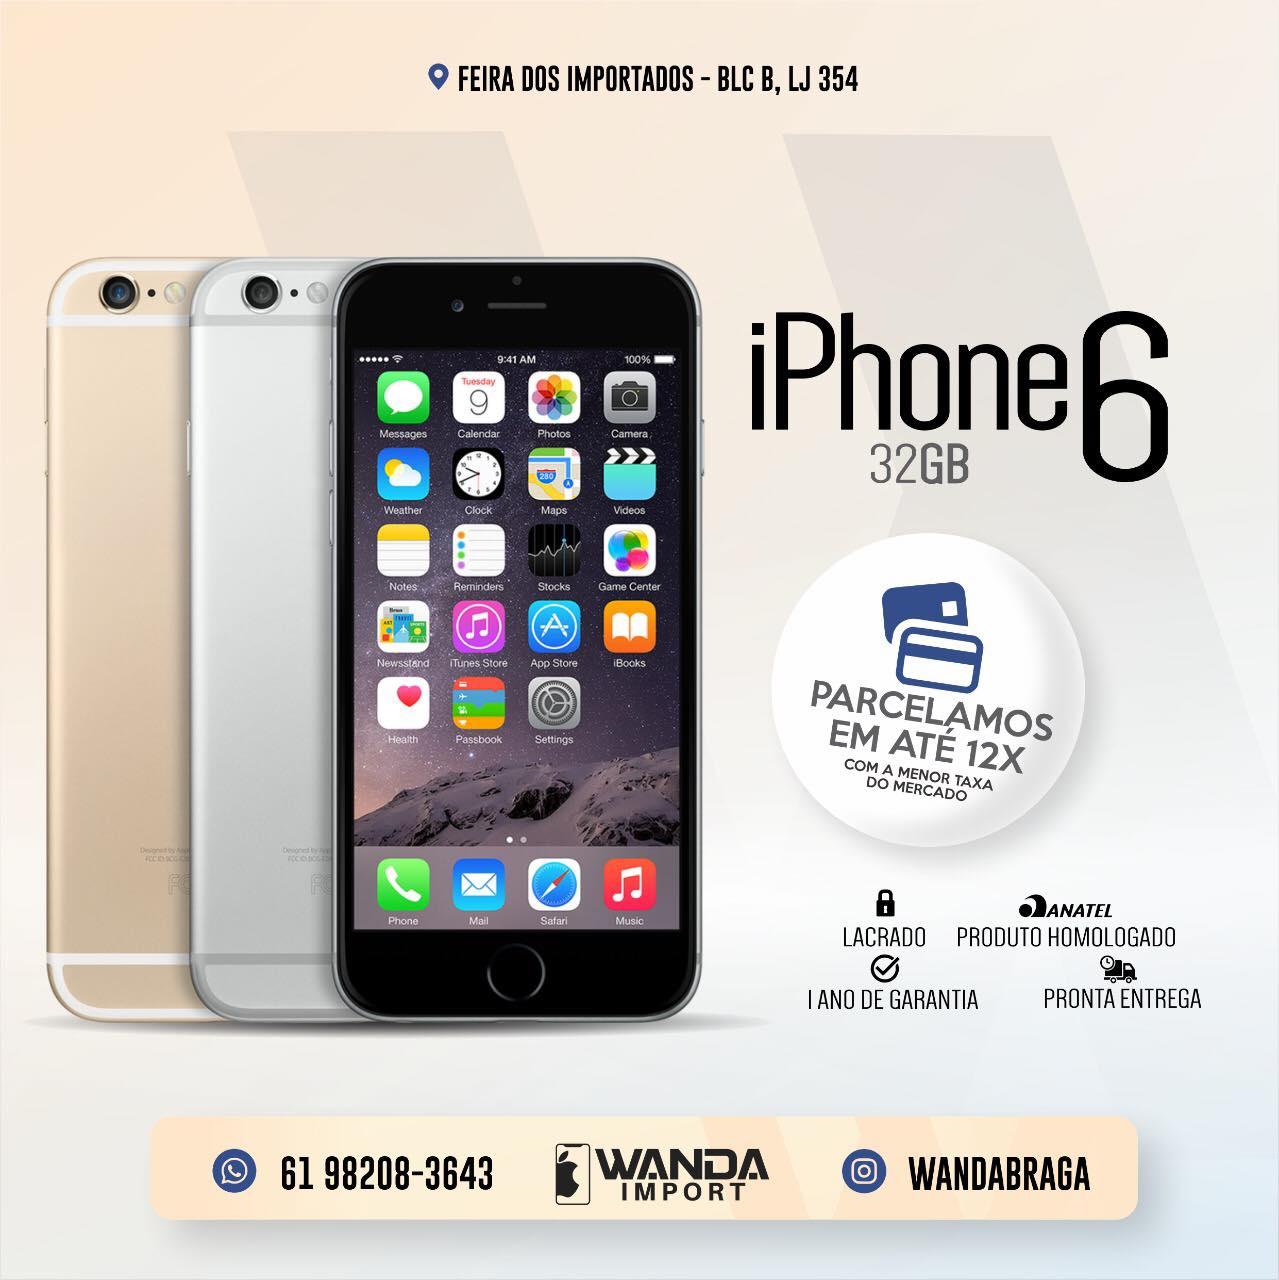 73b9f0685 iPhone 6 32GB - Feira dos Importados de Brasília - Sia - A Loja Virtual